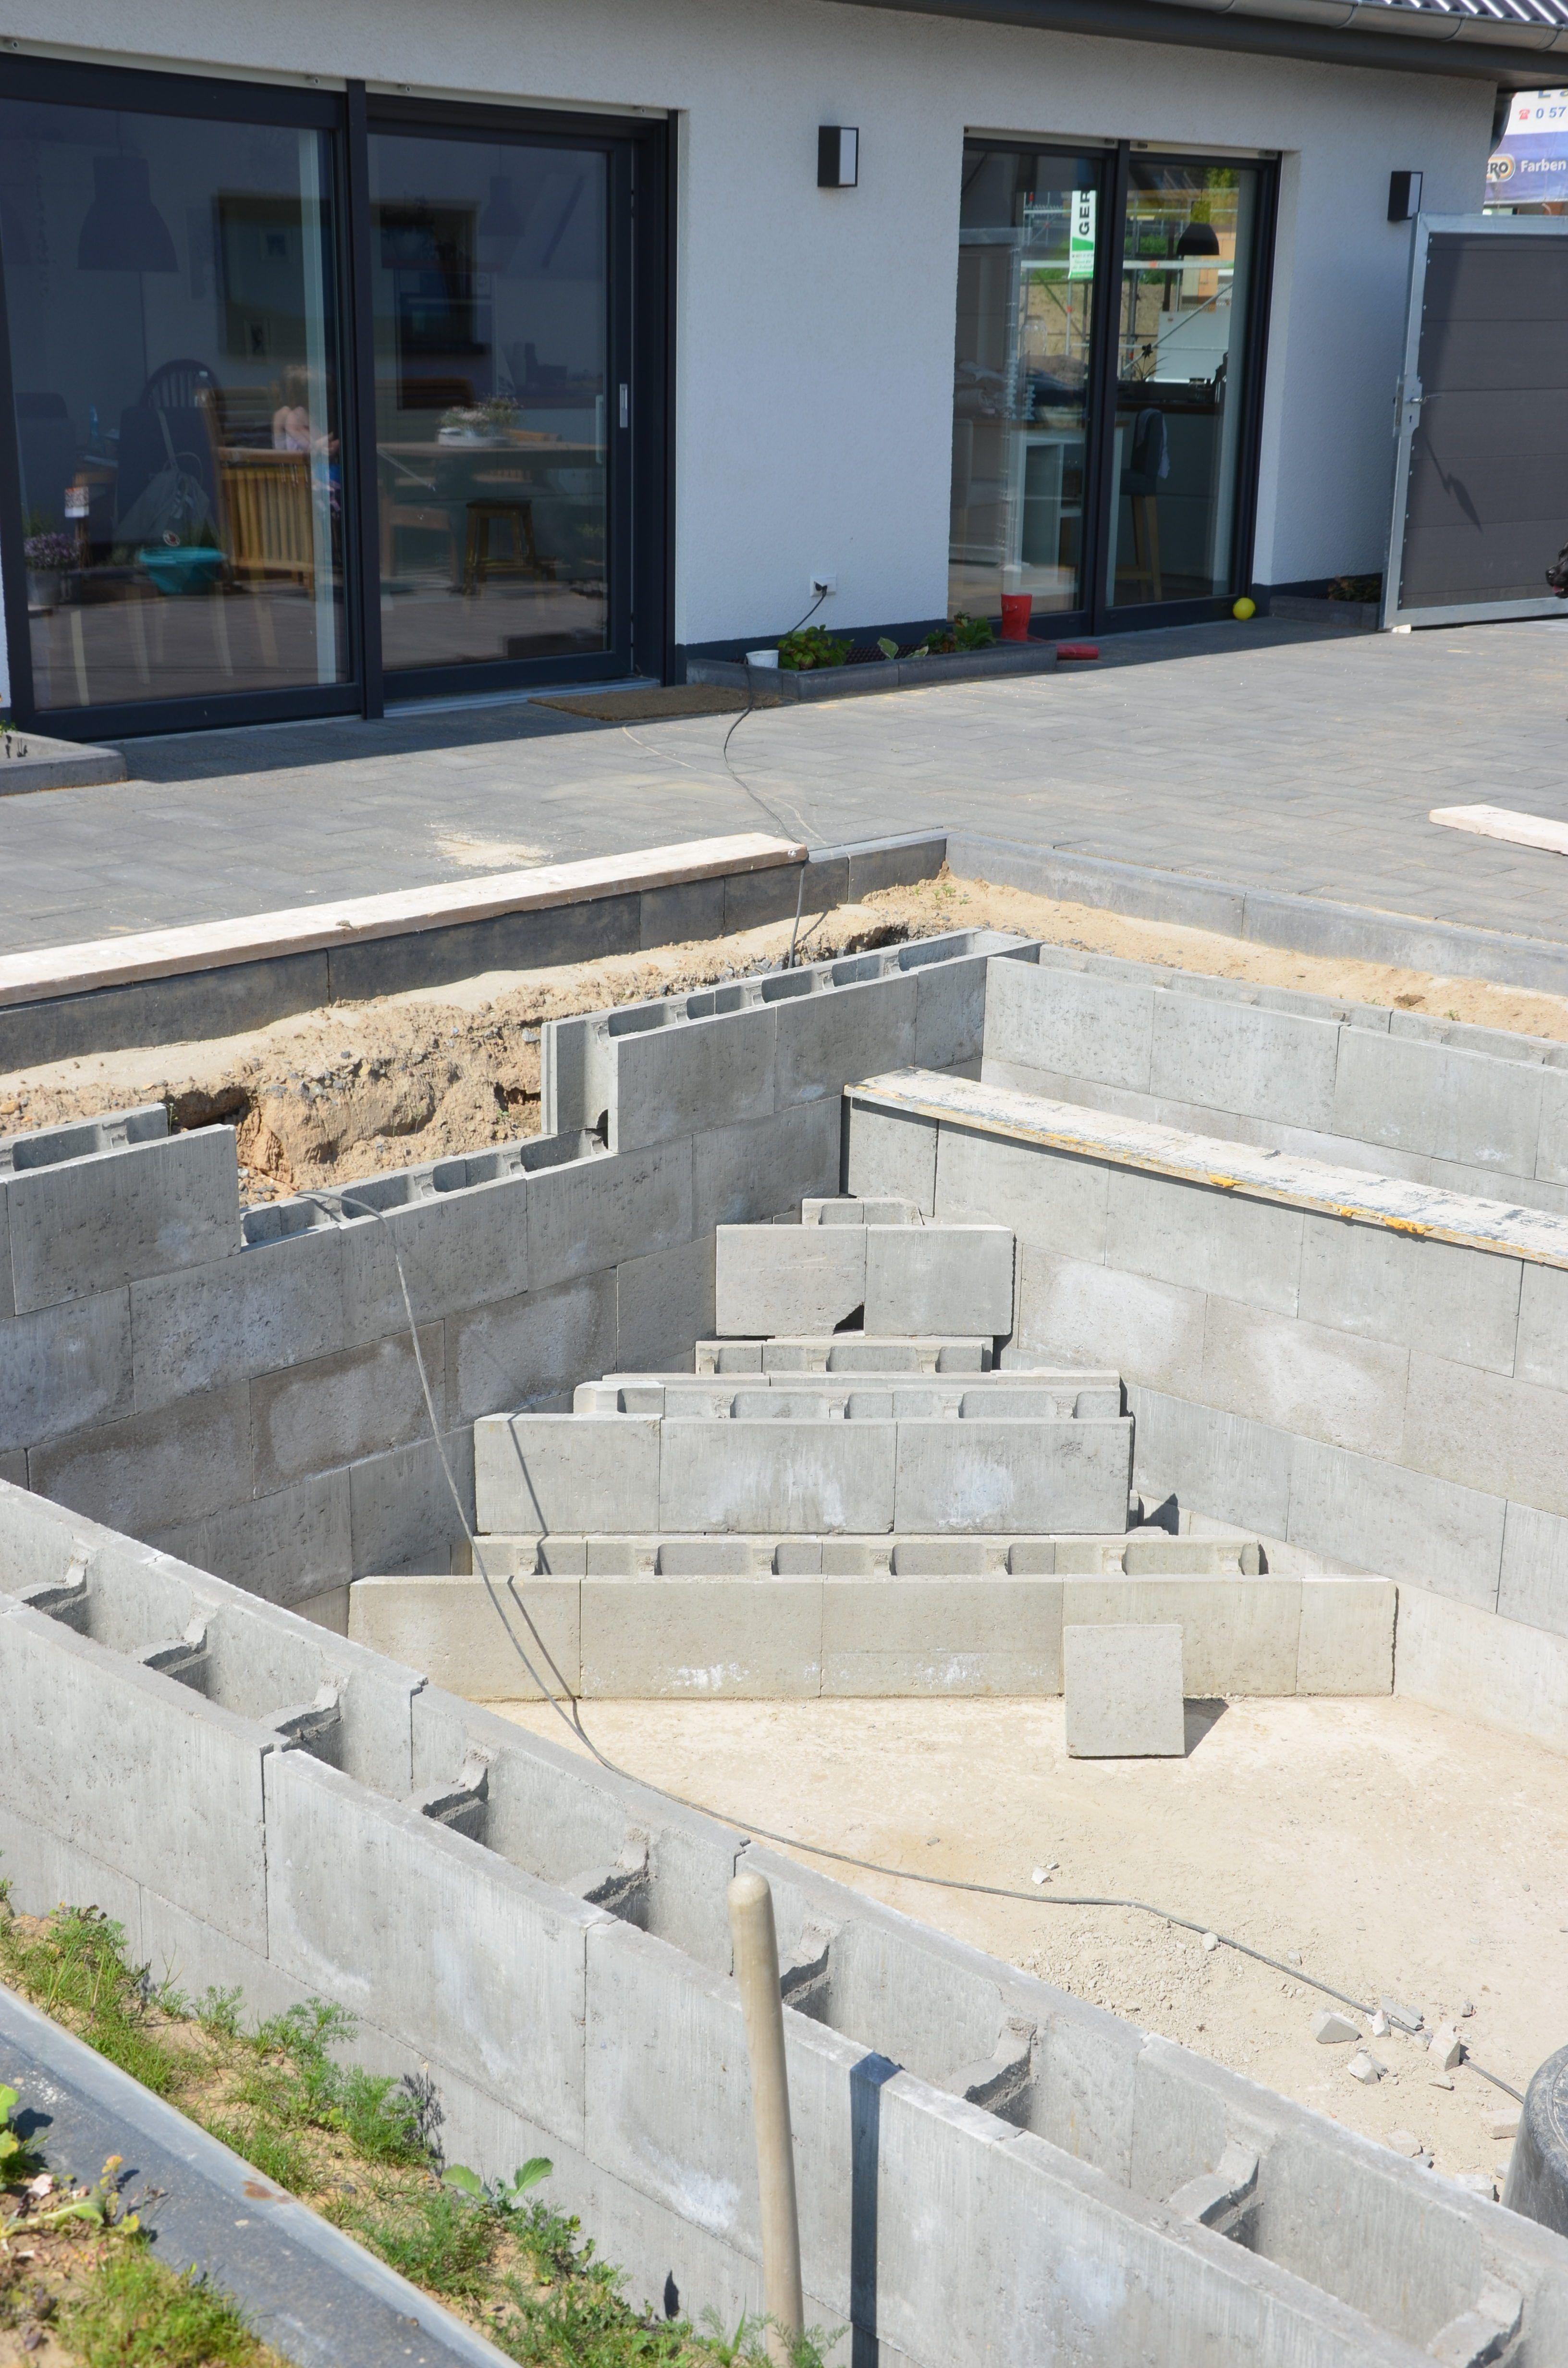 treppe in den pool   schwimmteich/pool   pinterest   gardens